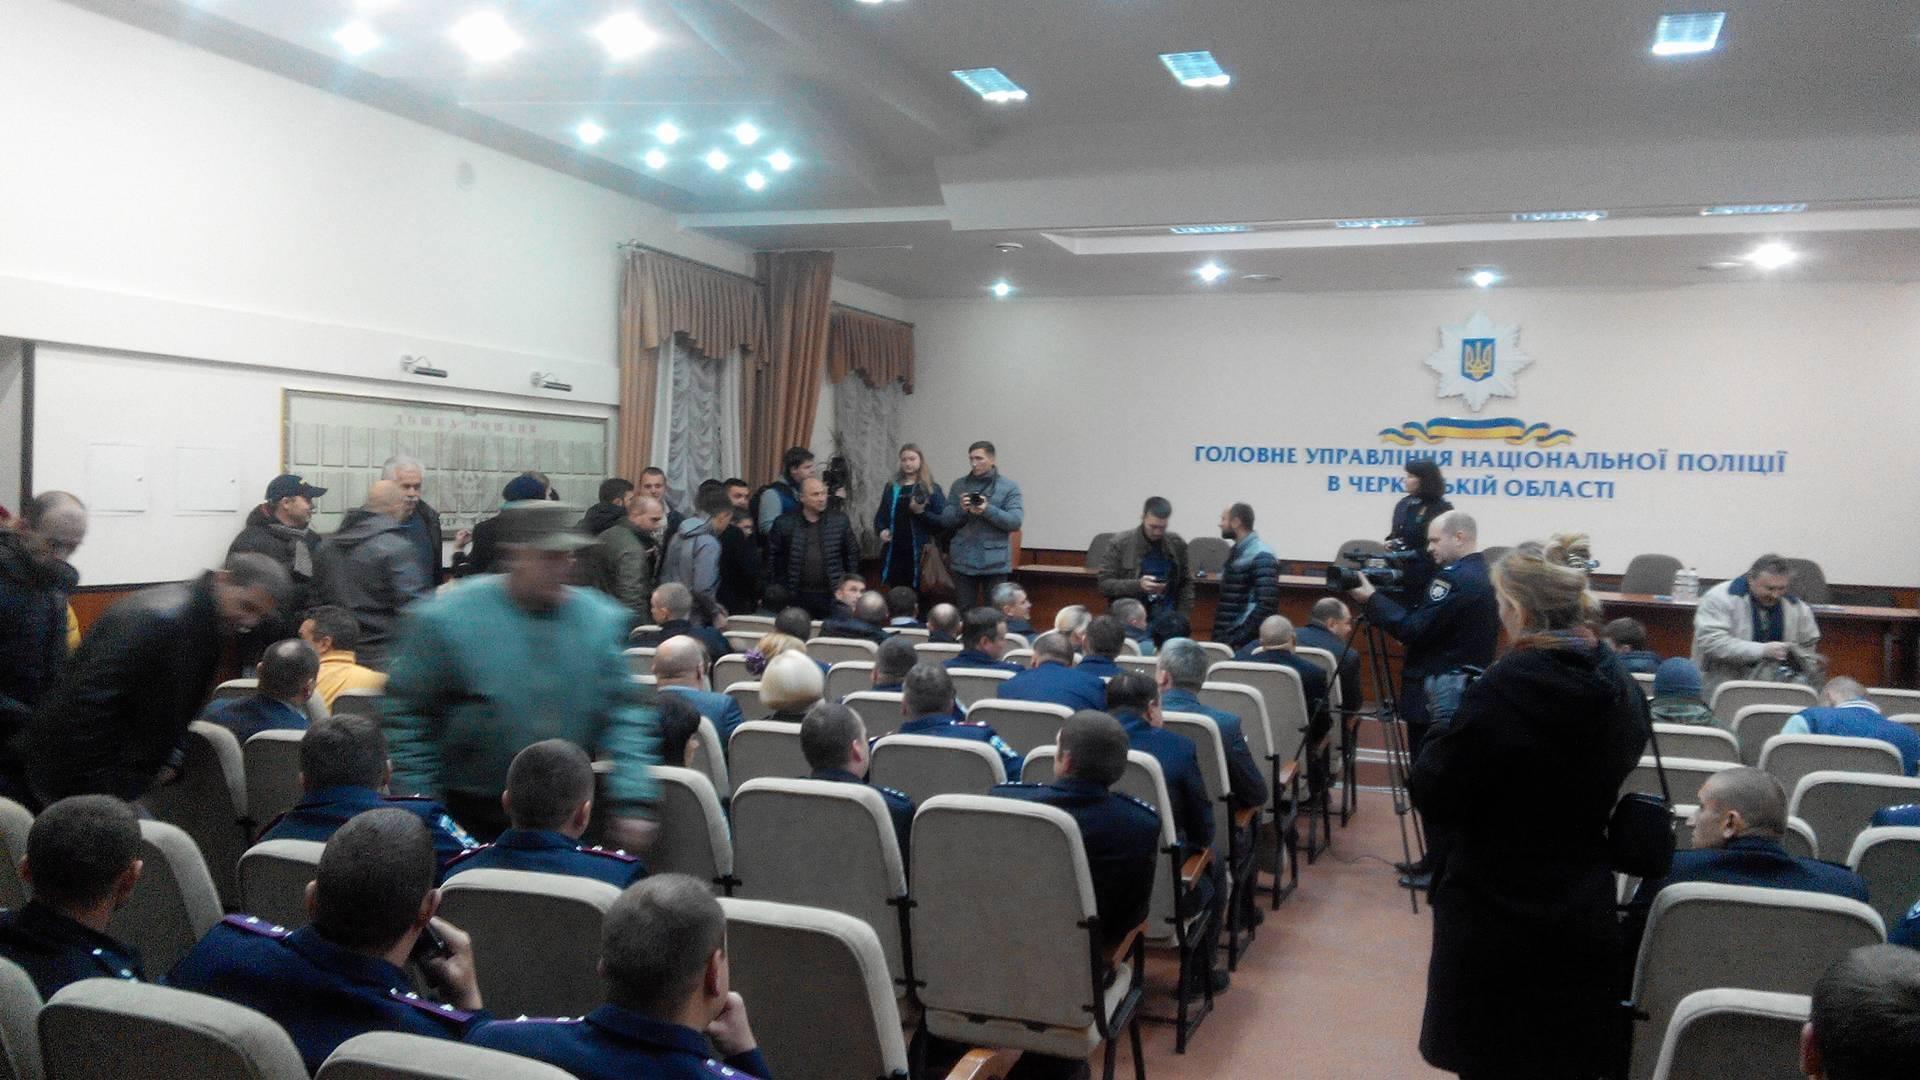 Активисты потребовали отменить назначение Лютого главой полиции Черкасщины - Цензор.НЕТ 5608